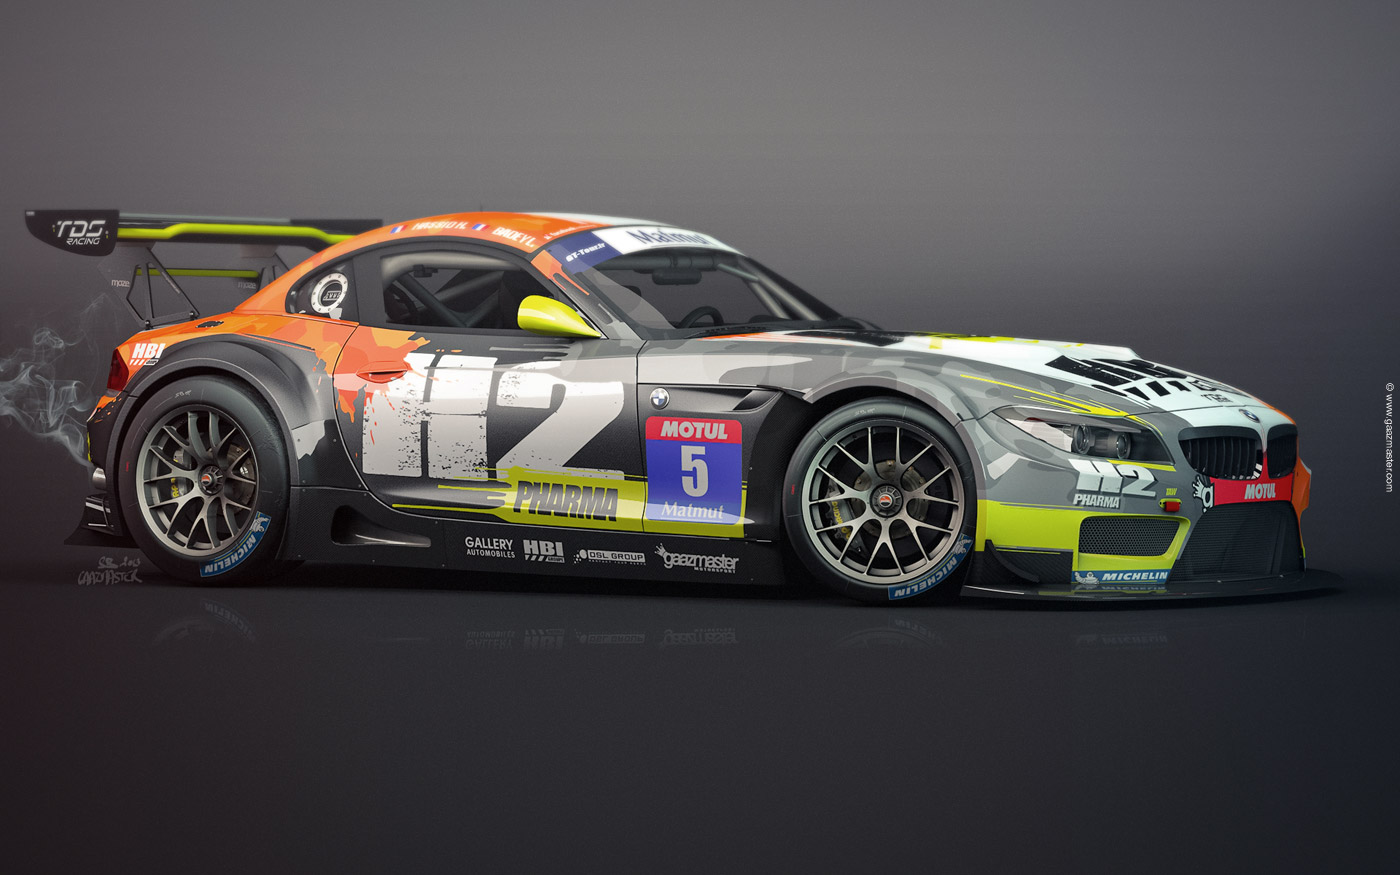 gaazmaster motorsport bmw z4 gt3 tds racing 2013. Black Bedroom Furniture Sets. Home Design Ideas